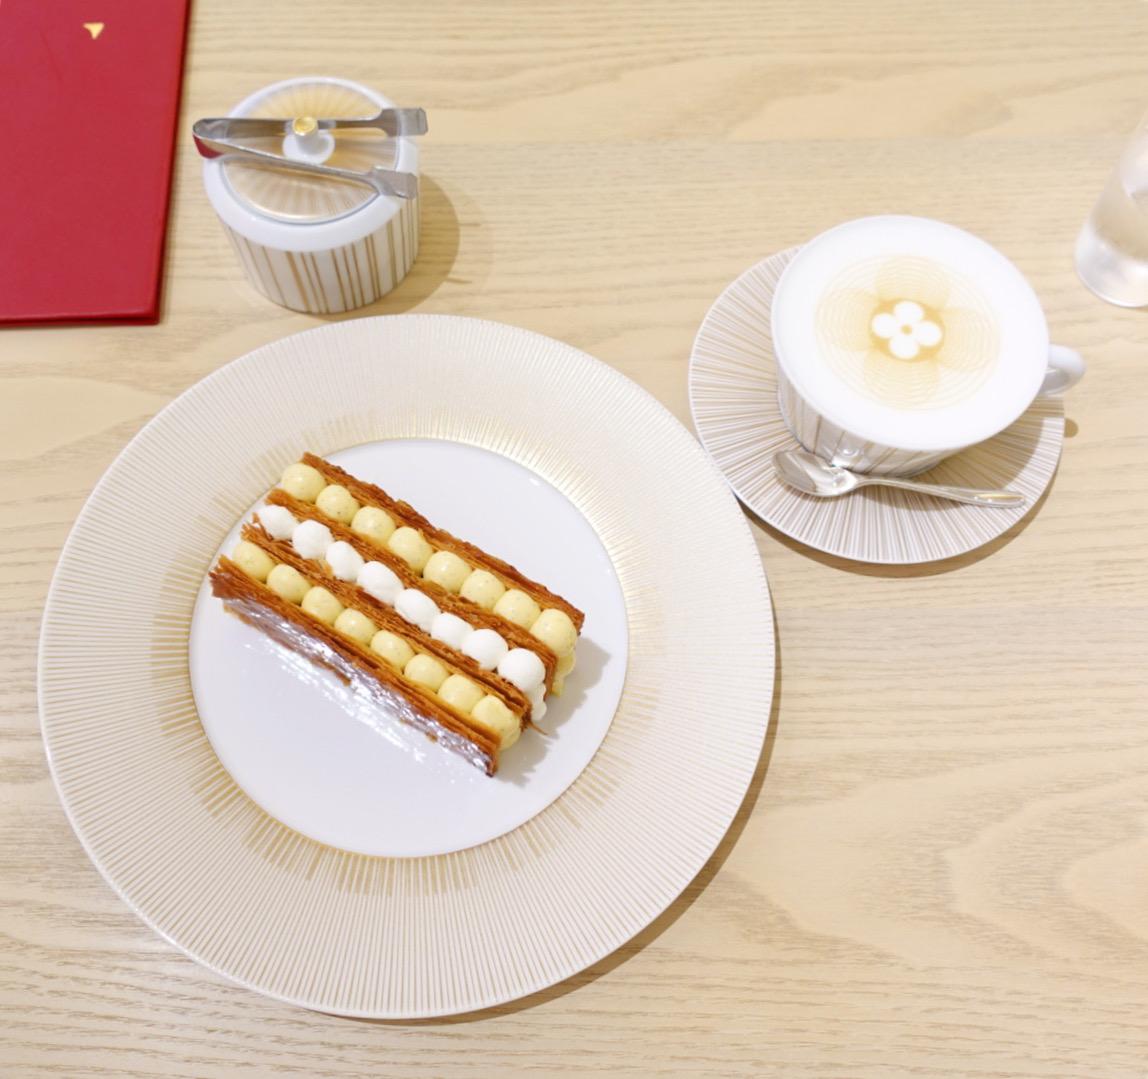 【大阪】世界初!ルイヴィトンのカフェ!?「LE CAFE V」に行ってみたら一番人気のミルフィーユが大きすぎる!?ブルジョアな気分になるカフェに潜入!!!_3